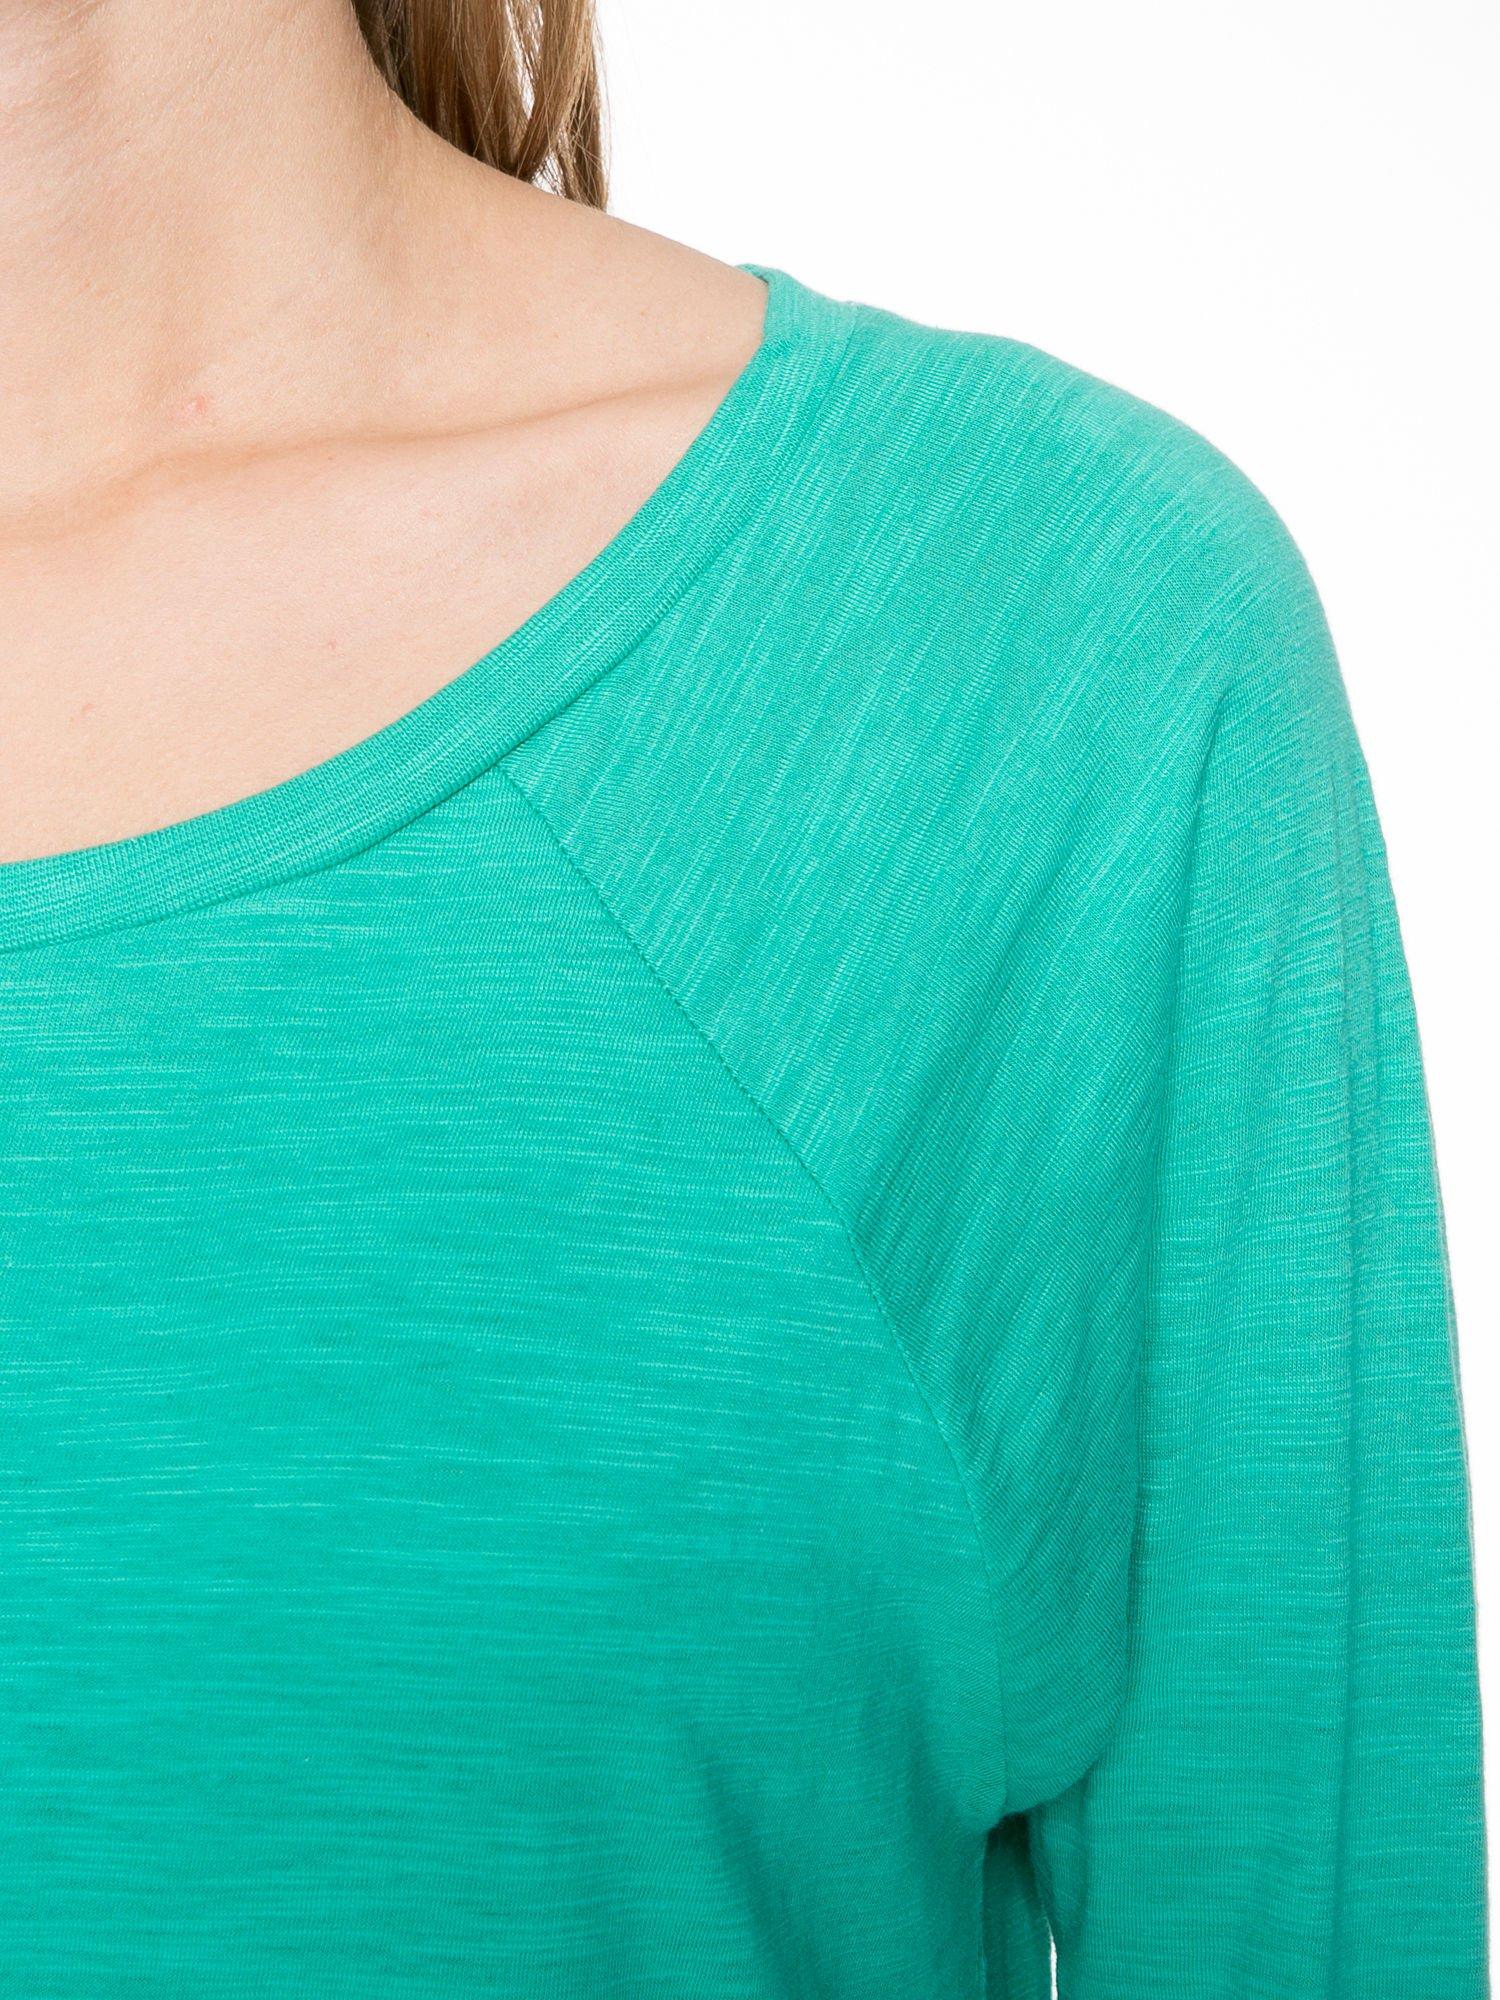 Zielona bawełniana bluzka z rękawami typu reglan                                  zdj.                                  3